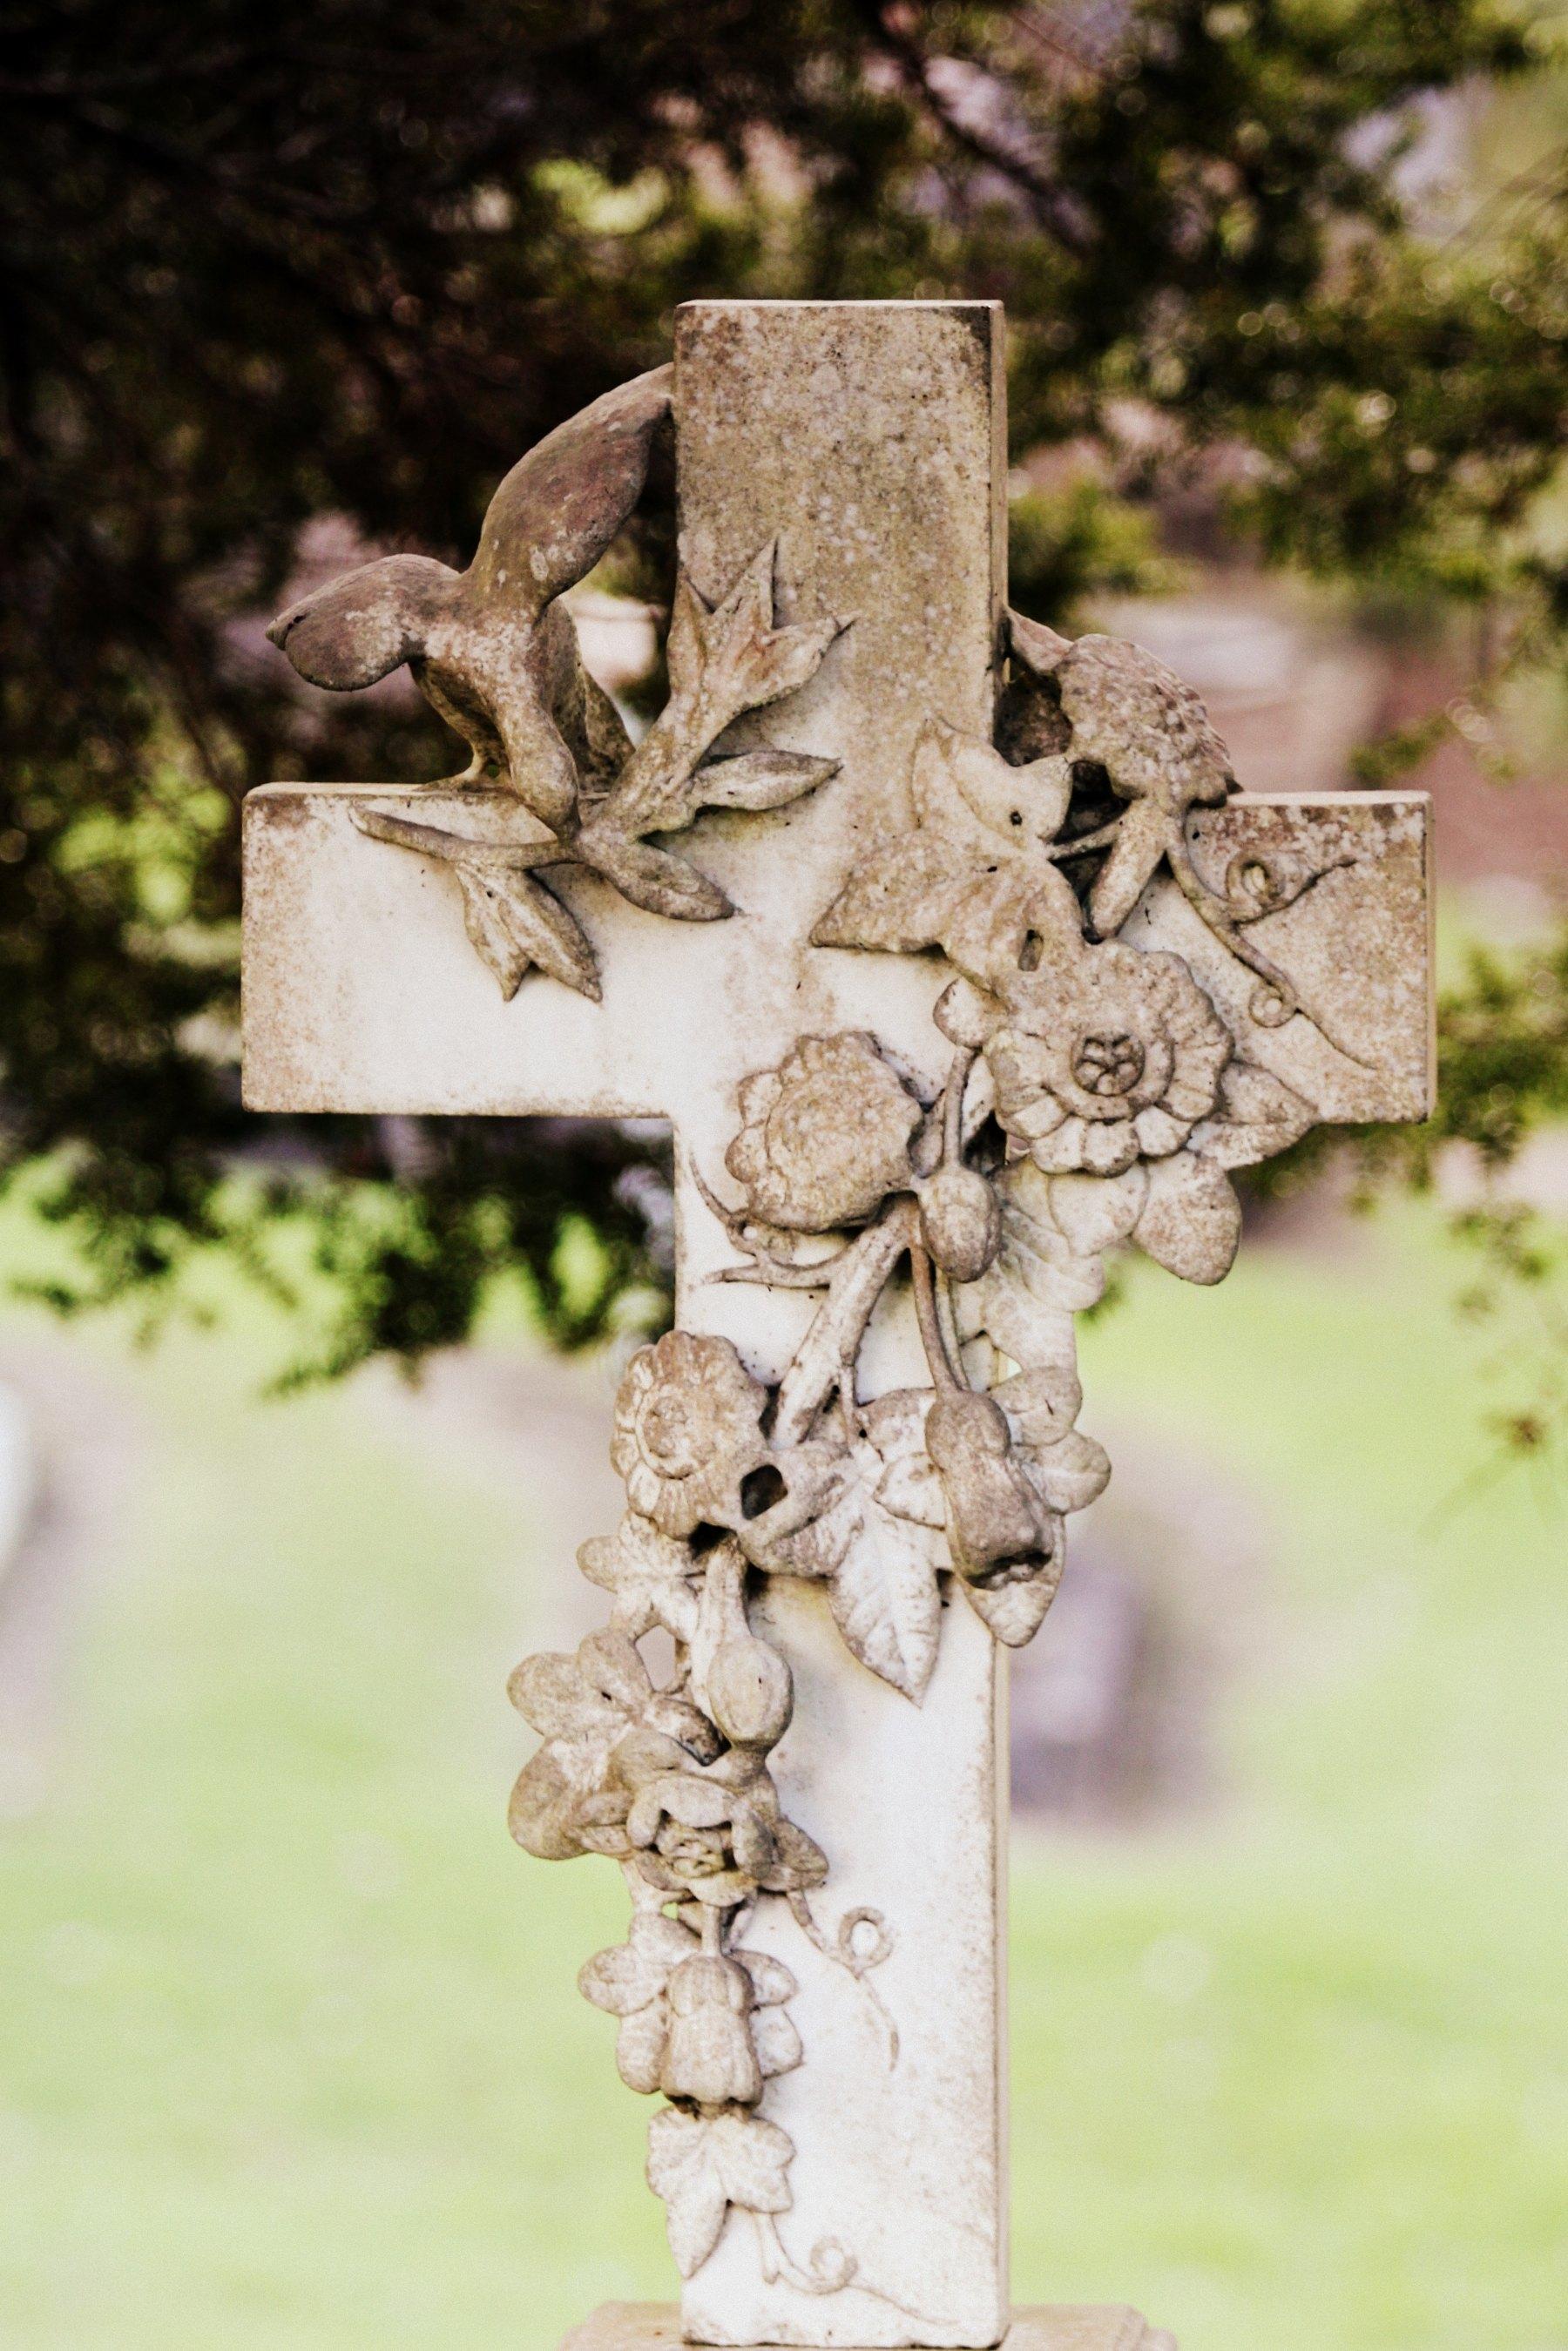 cross, Christian, Cemetery, Easter, grave